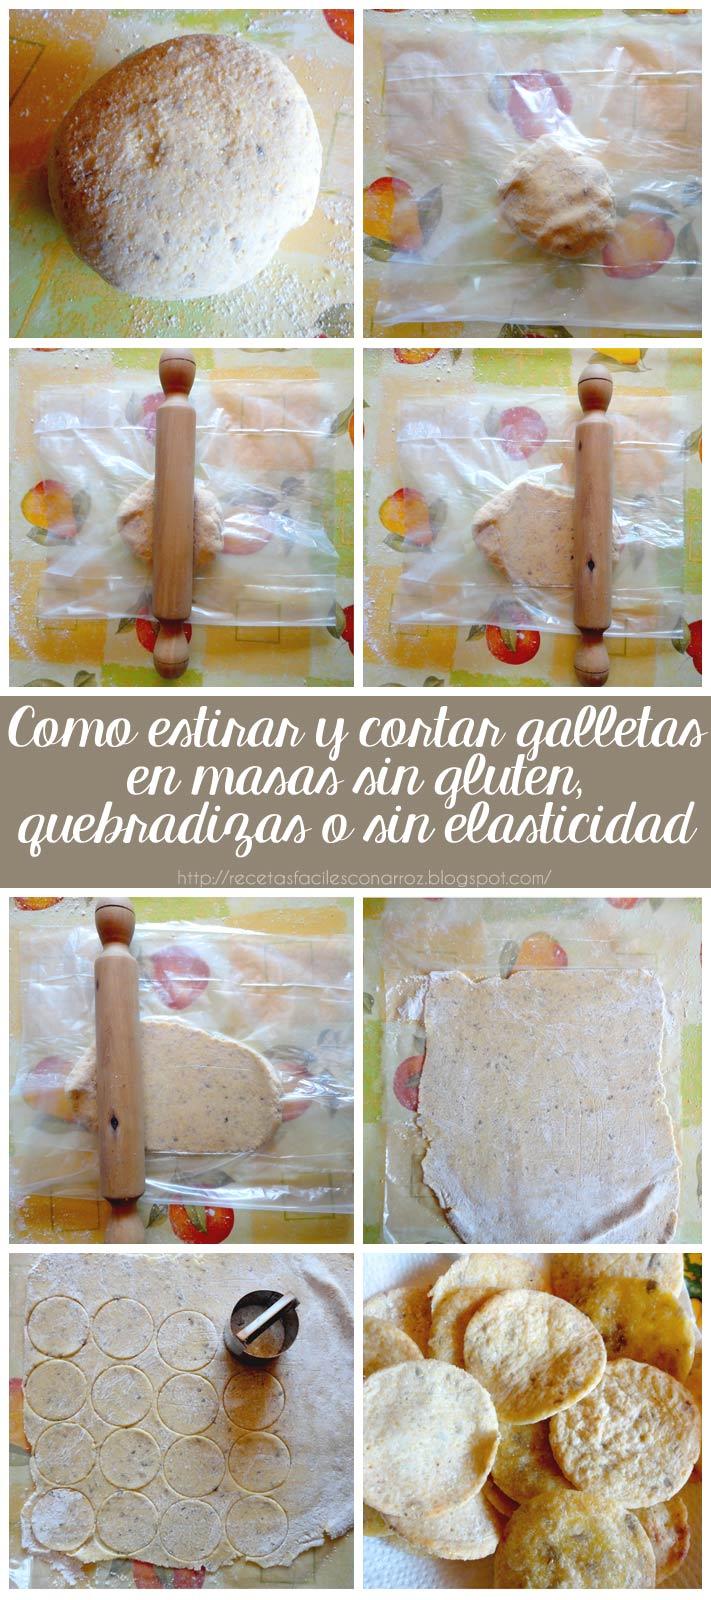 paso a paso de como amasar, estirar y cortar galletas en masa sin gluten, sin elasticidad y quebradiza